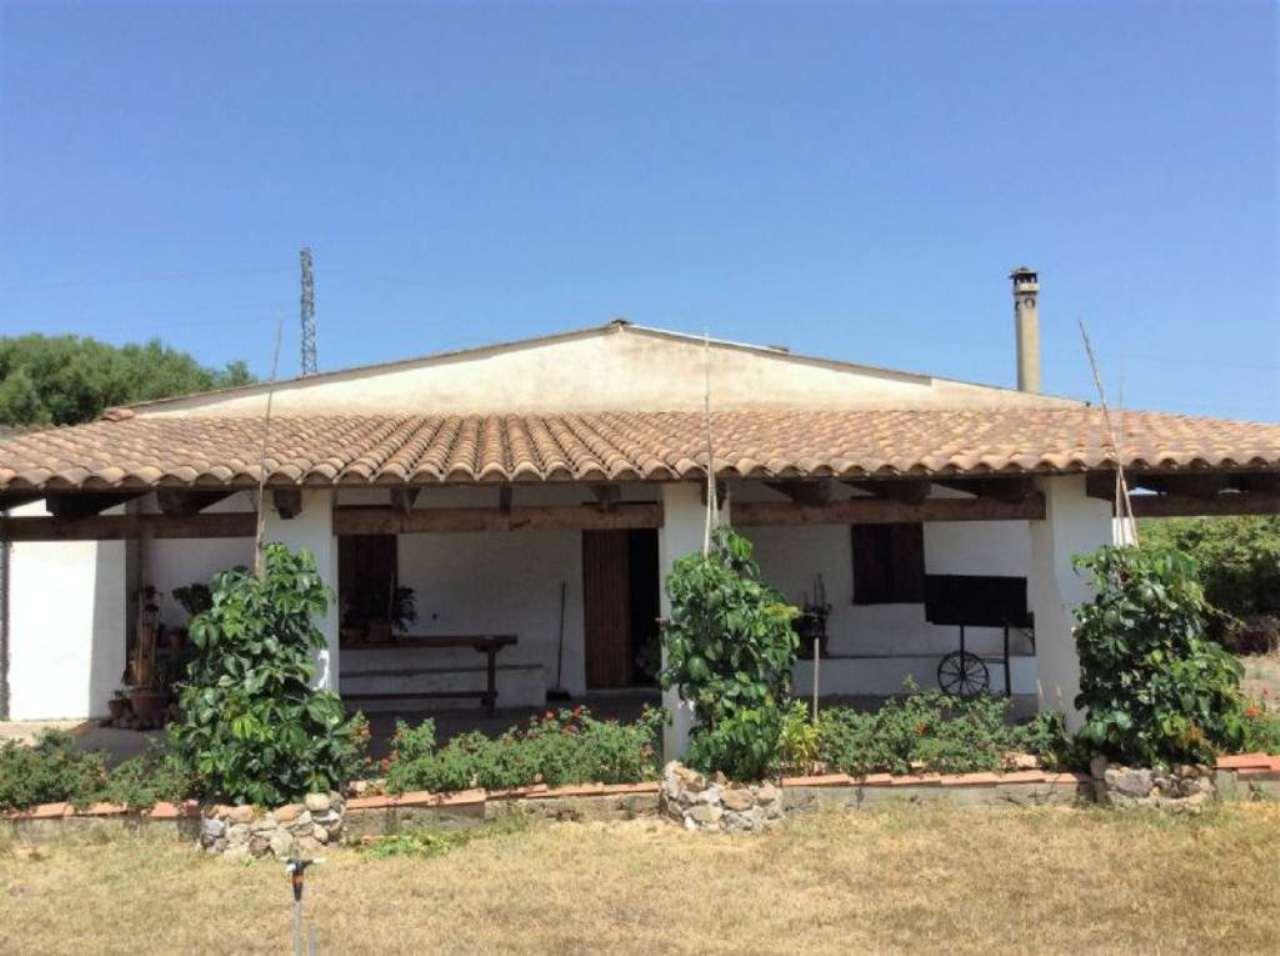 Palazzo / Stabile in vendita a Alghero, 6 locali, prezzo € 165.000 | Cambio Casa.it